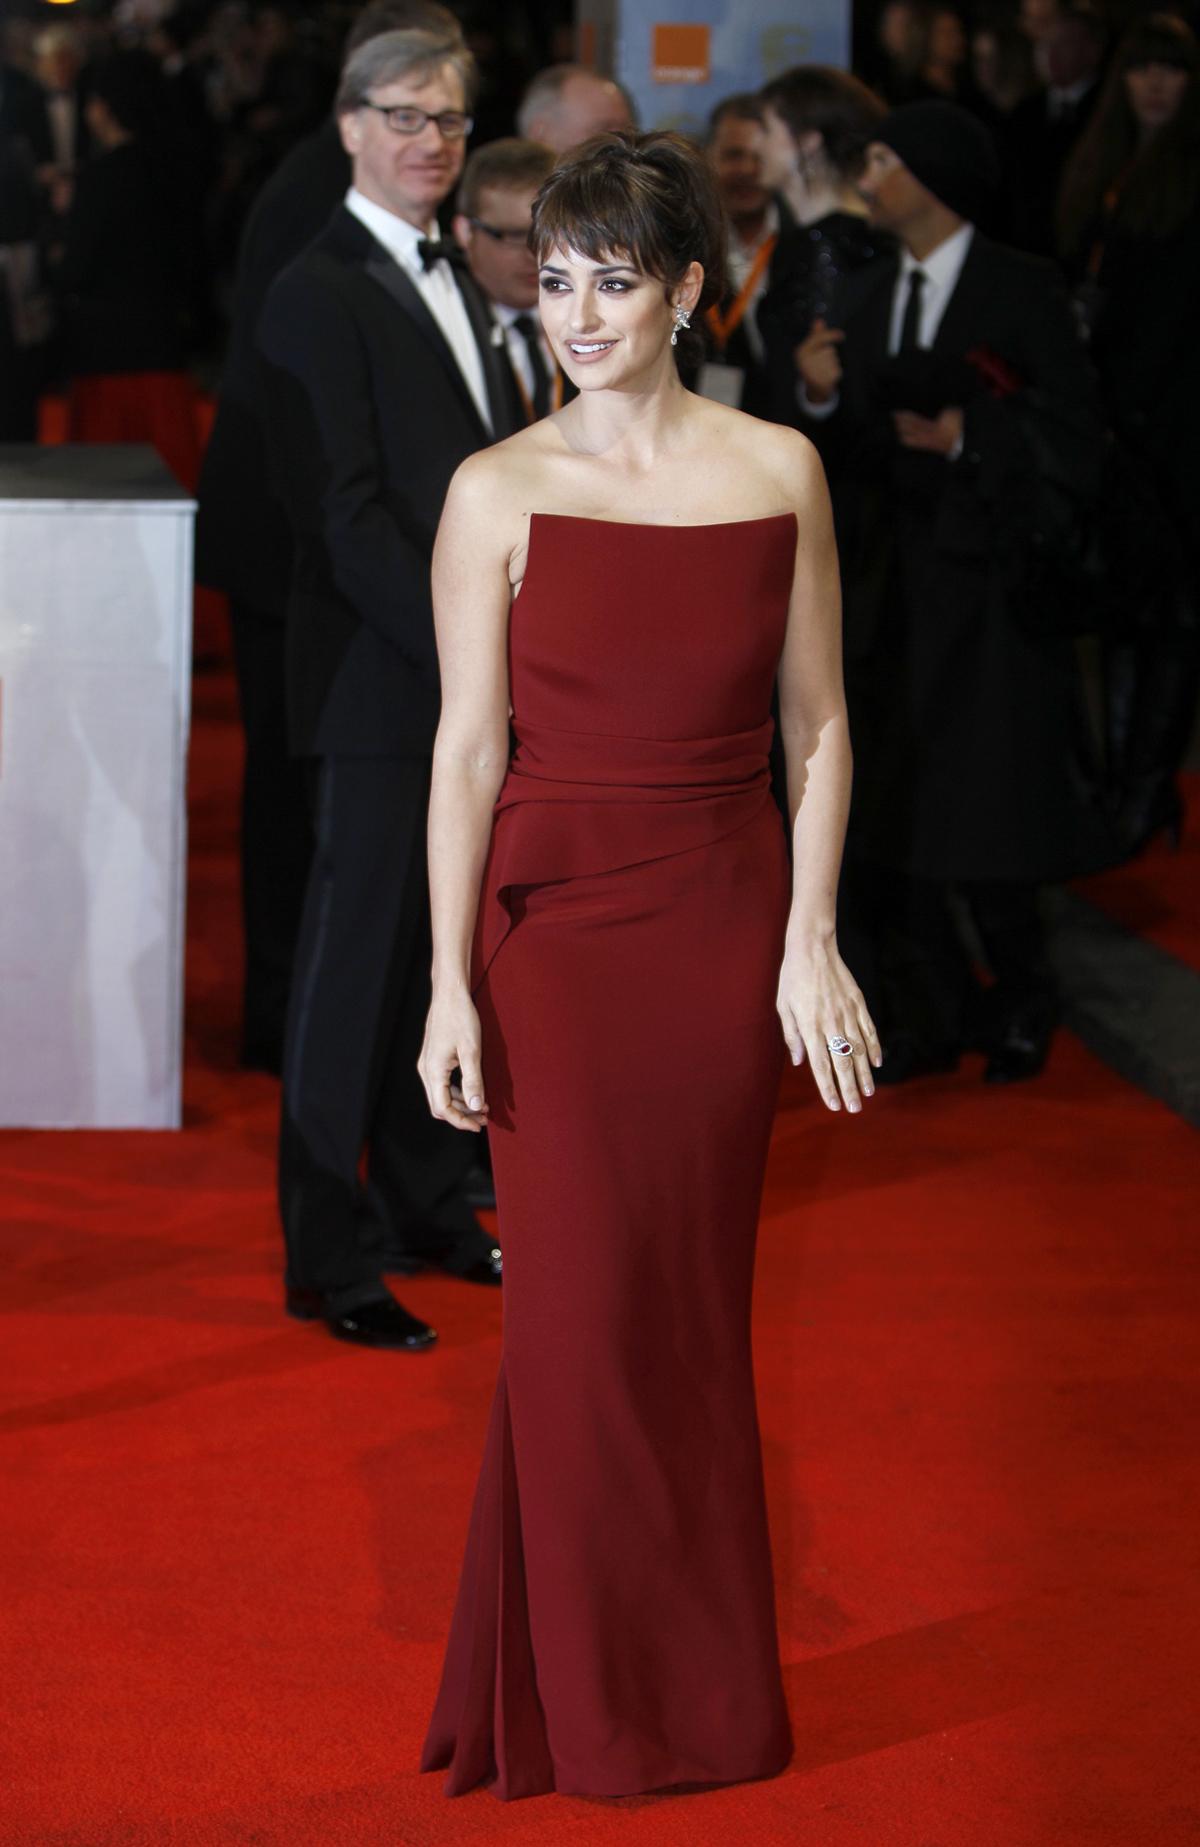 Penelope Cruz at BAFTA Awards 2012 in London Photo 1200x1847